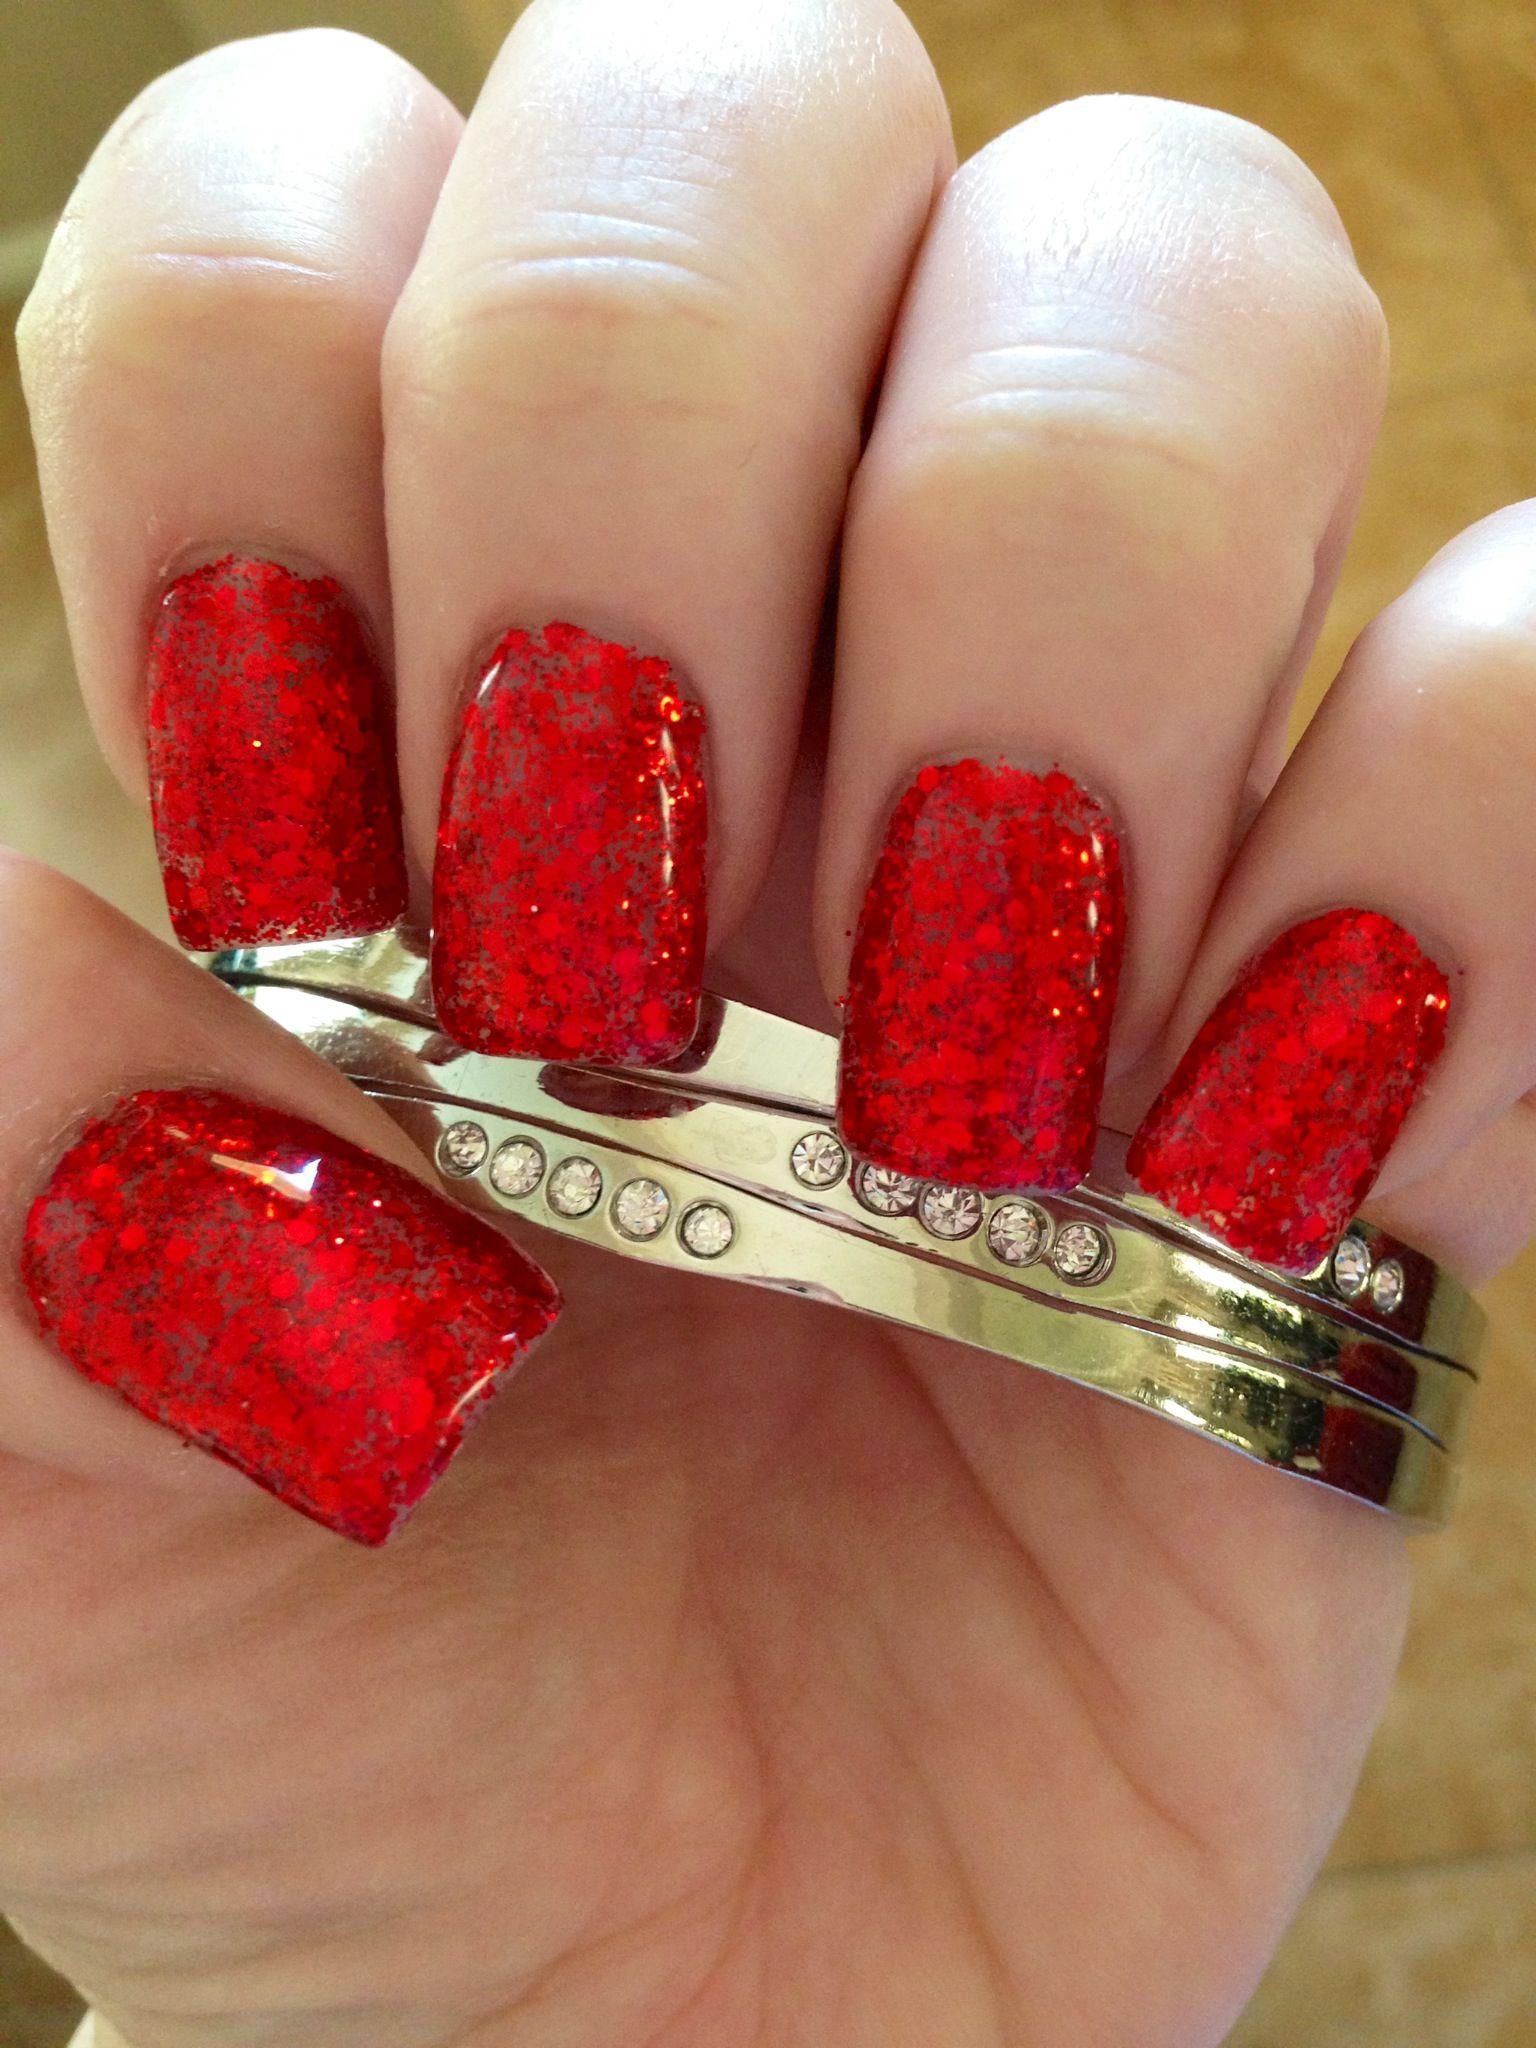 Bright red rockstar glitter gel nails! | My Nails ...